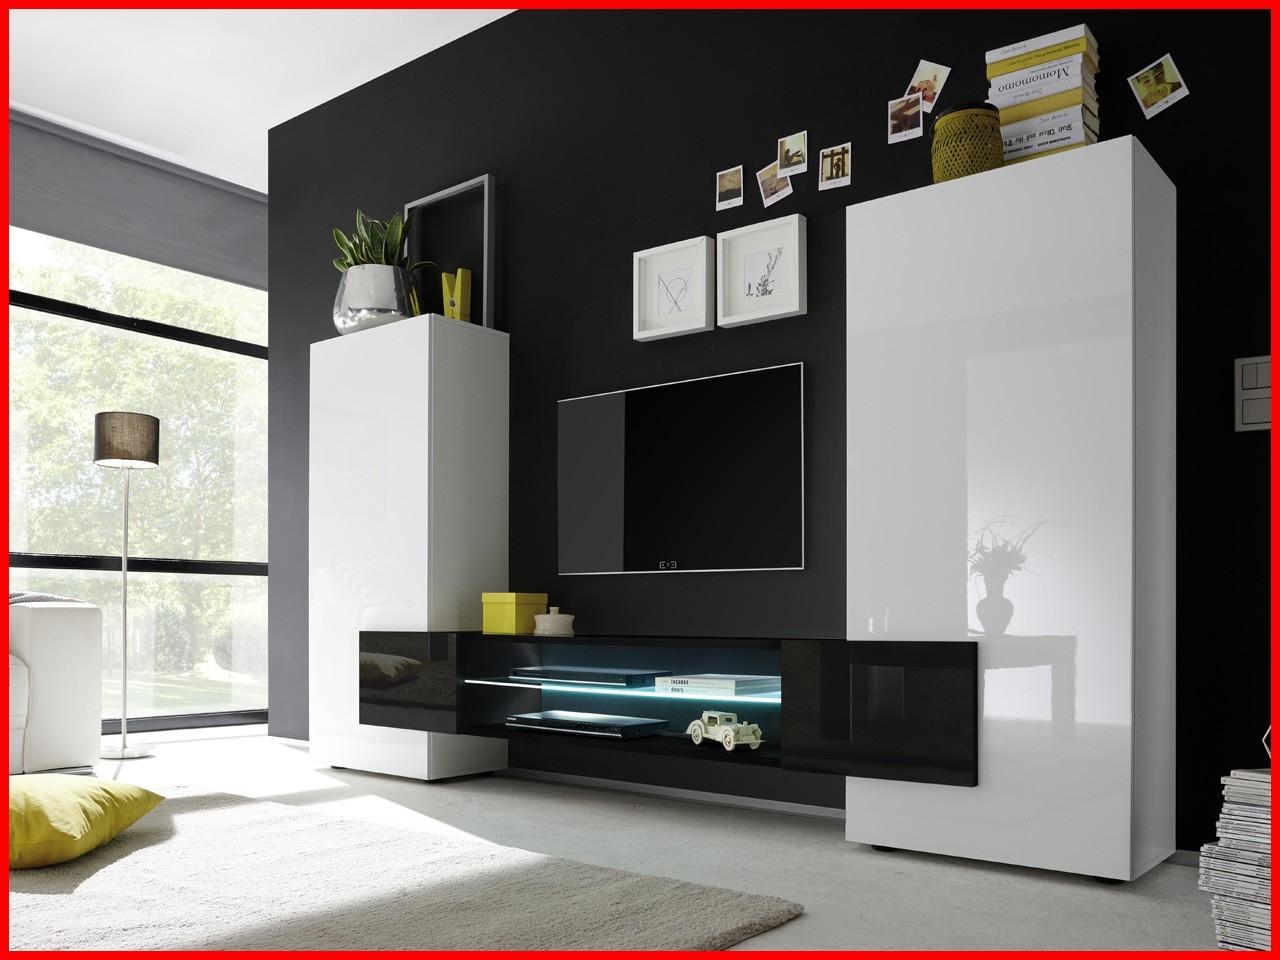 Muebles Castellon Baratos 3id6 Muebles Castellon Baratos top Free Affordable Y Dormitorios